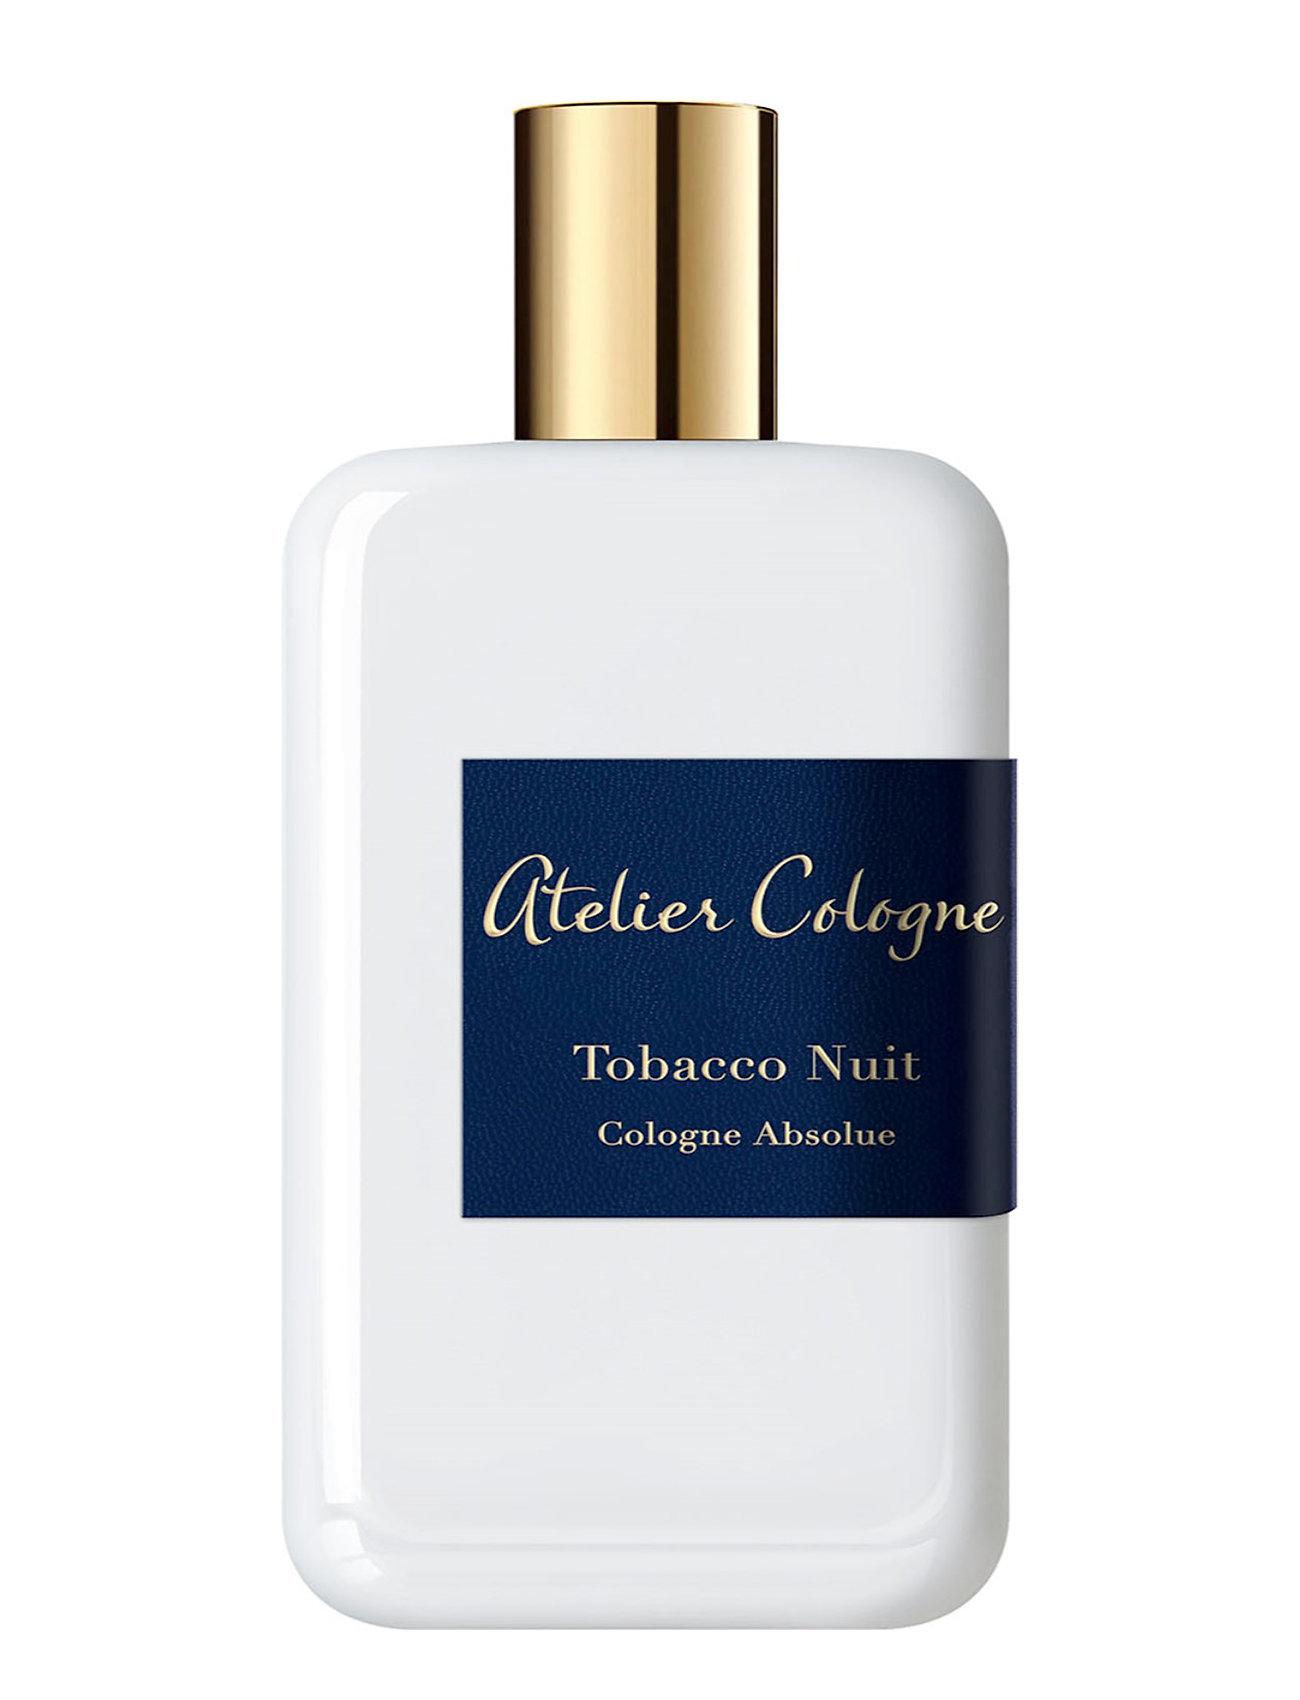 atelier cologne – Tobacco nuit edc 200 ml på boozt.com dk